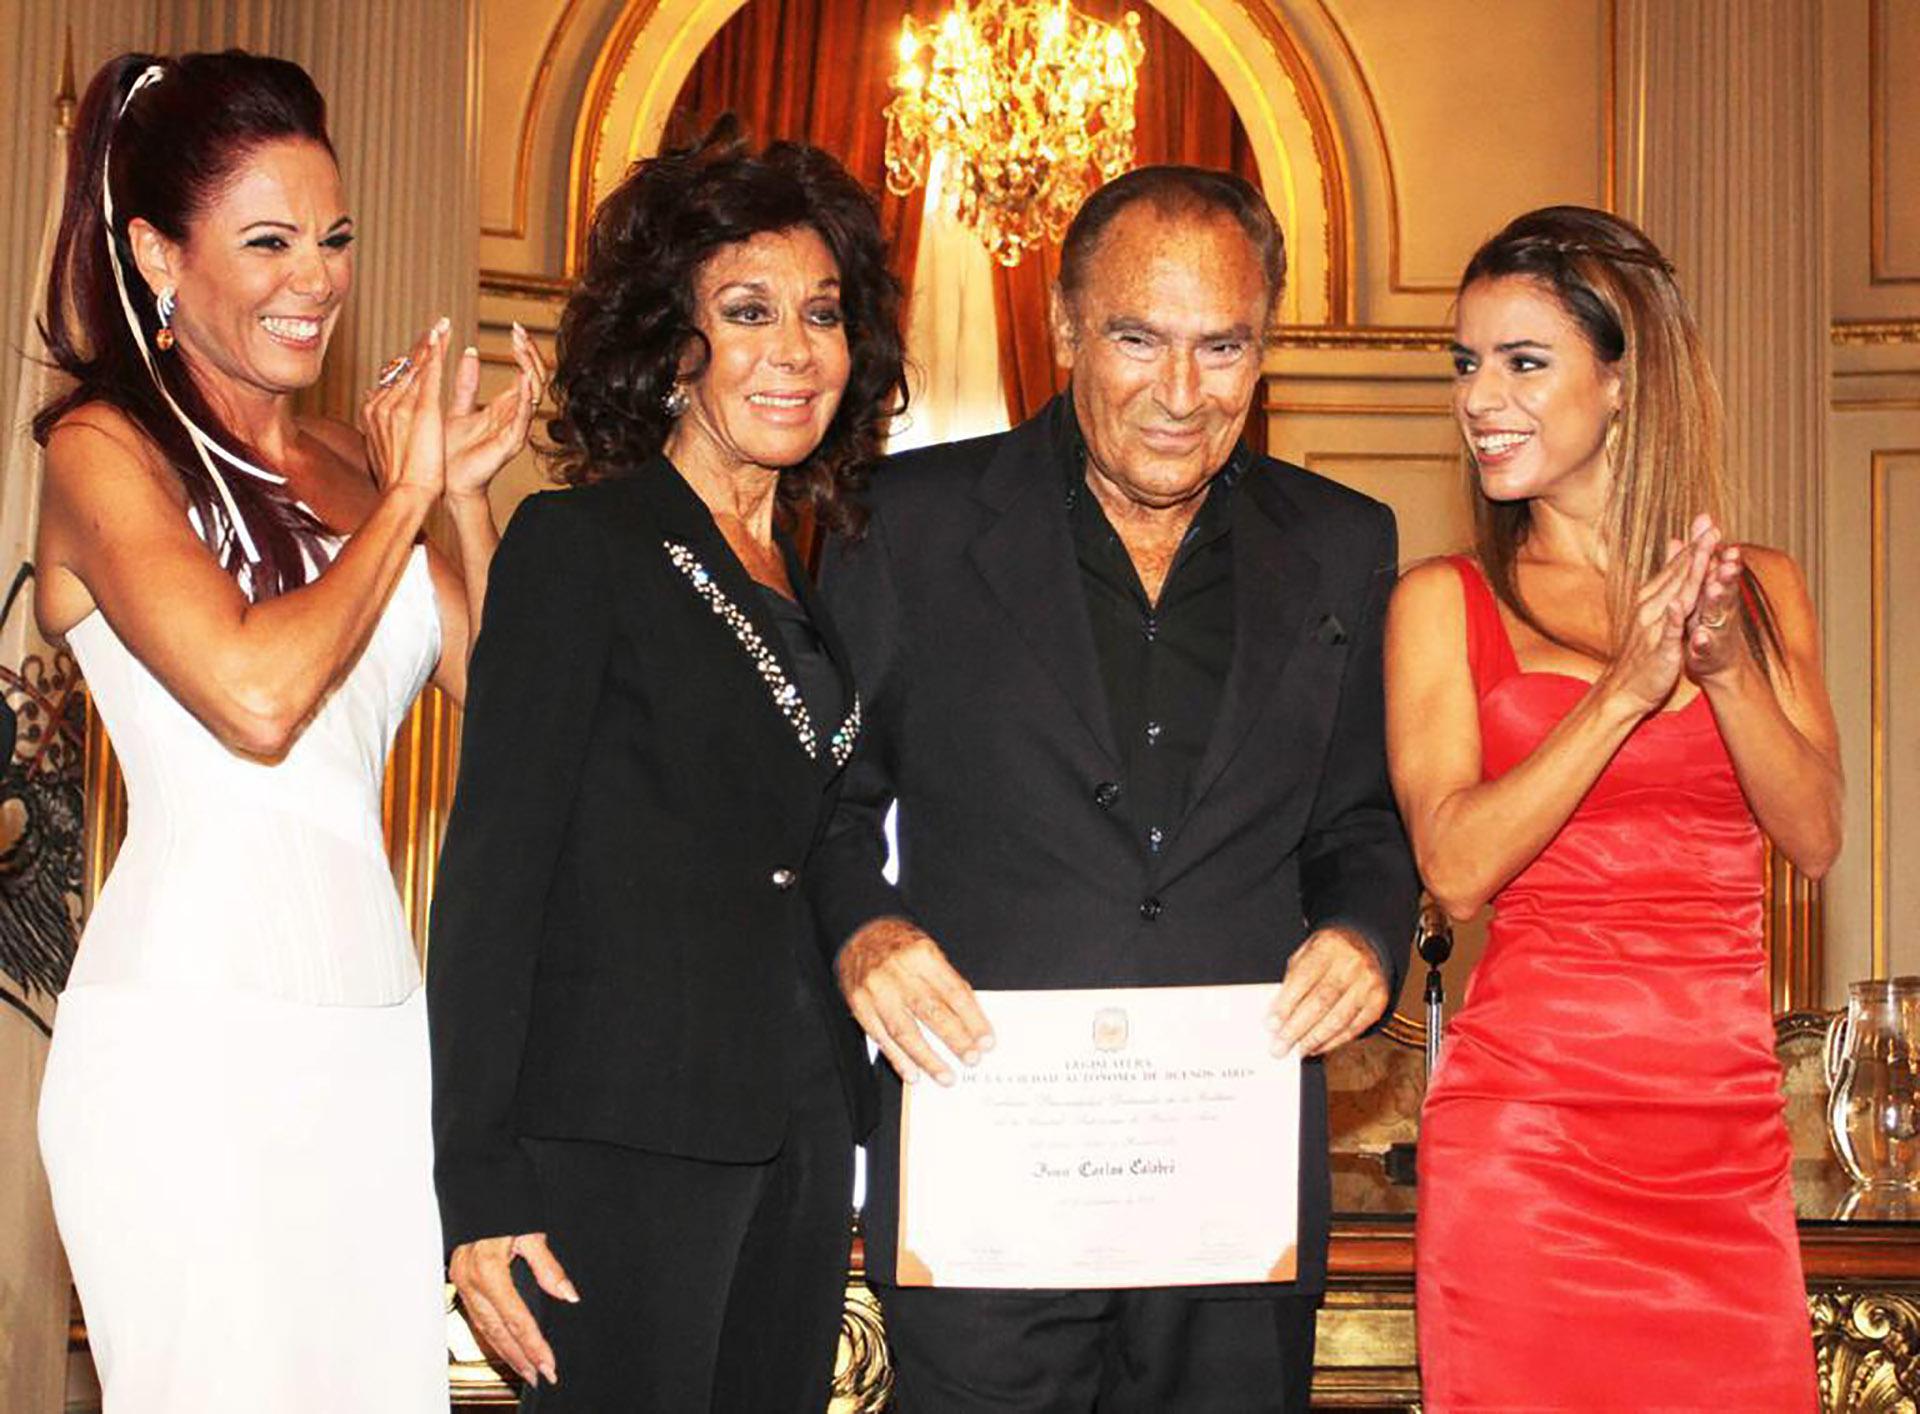 La familia Calabró, unida en el reconocimiento que recibió el humorista como Personalidad Destacada de la Cultura por su trayectoria y su aporte a la cultura